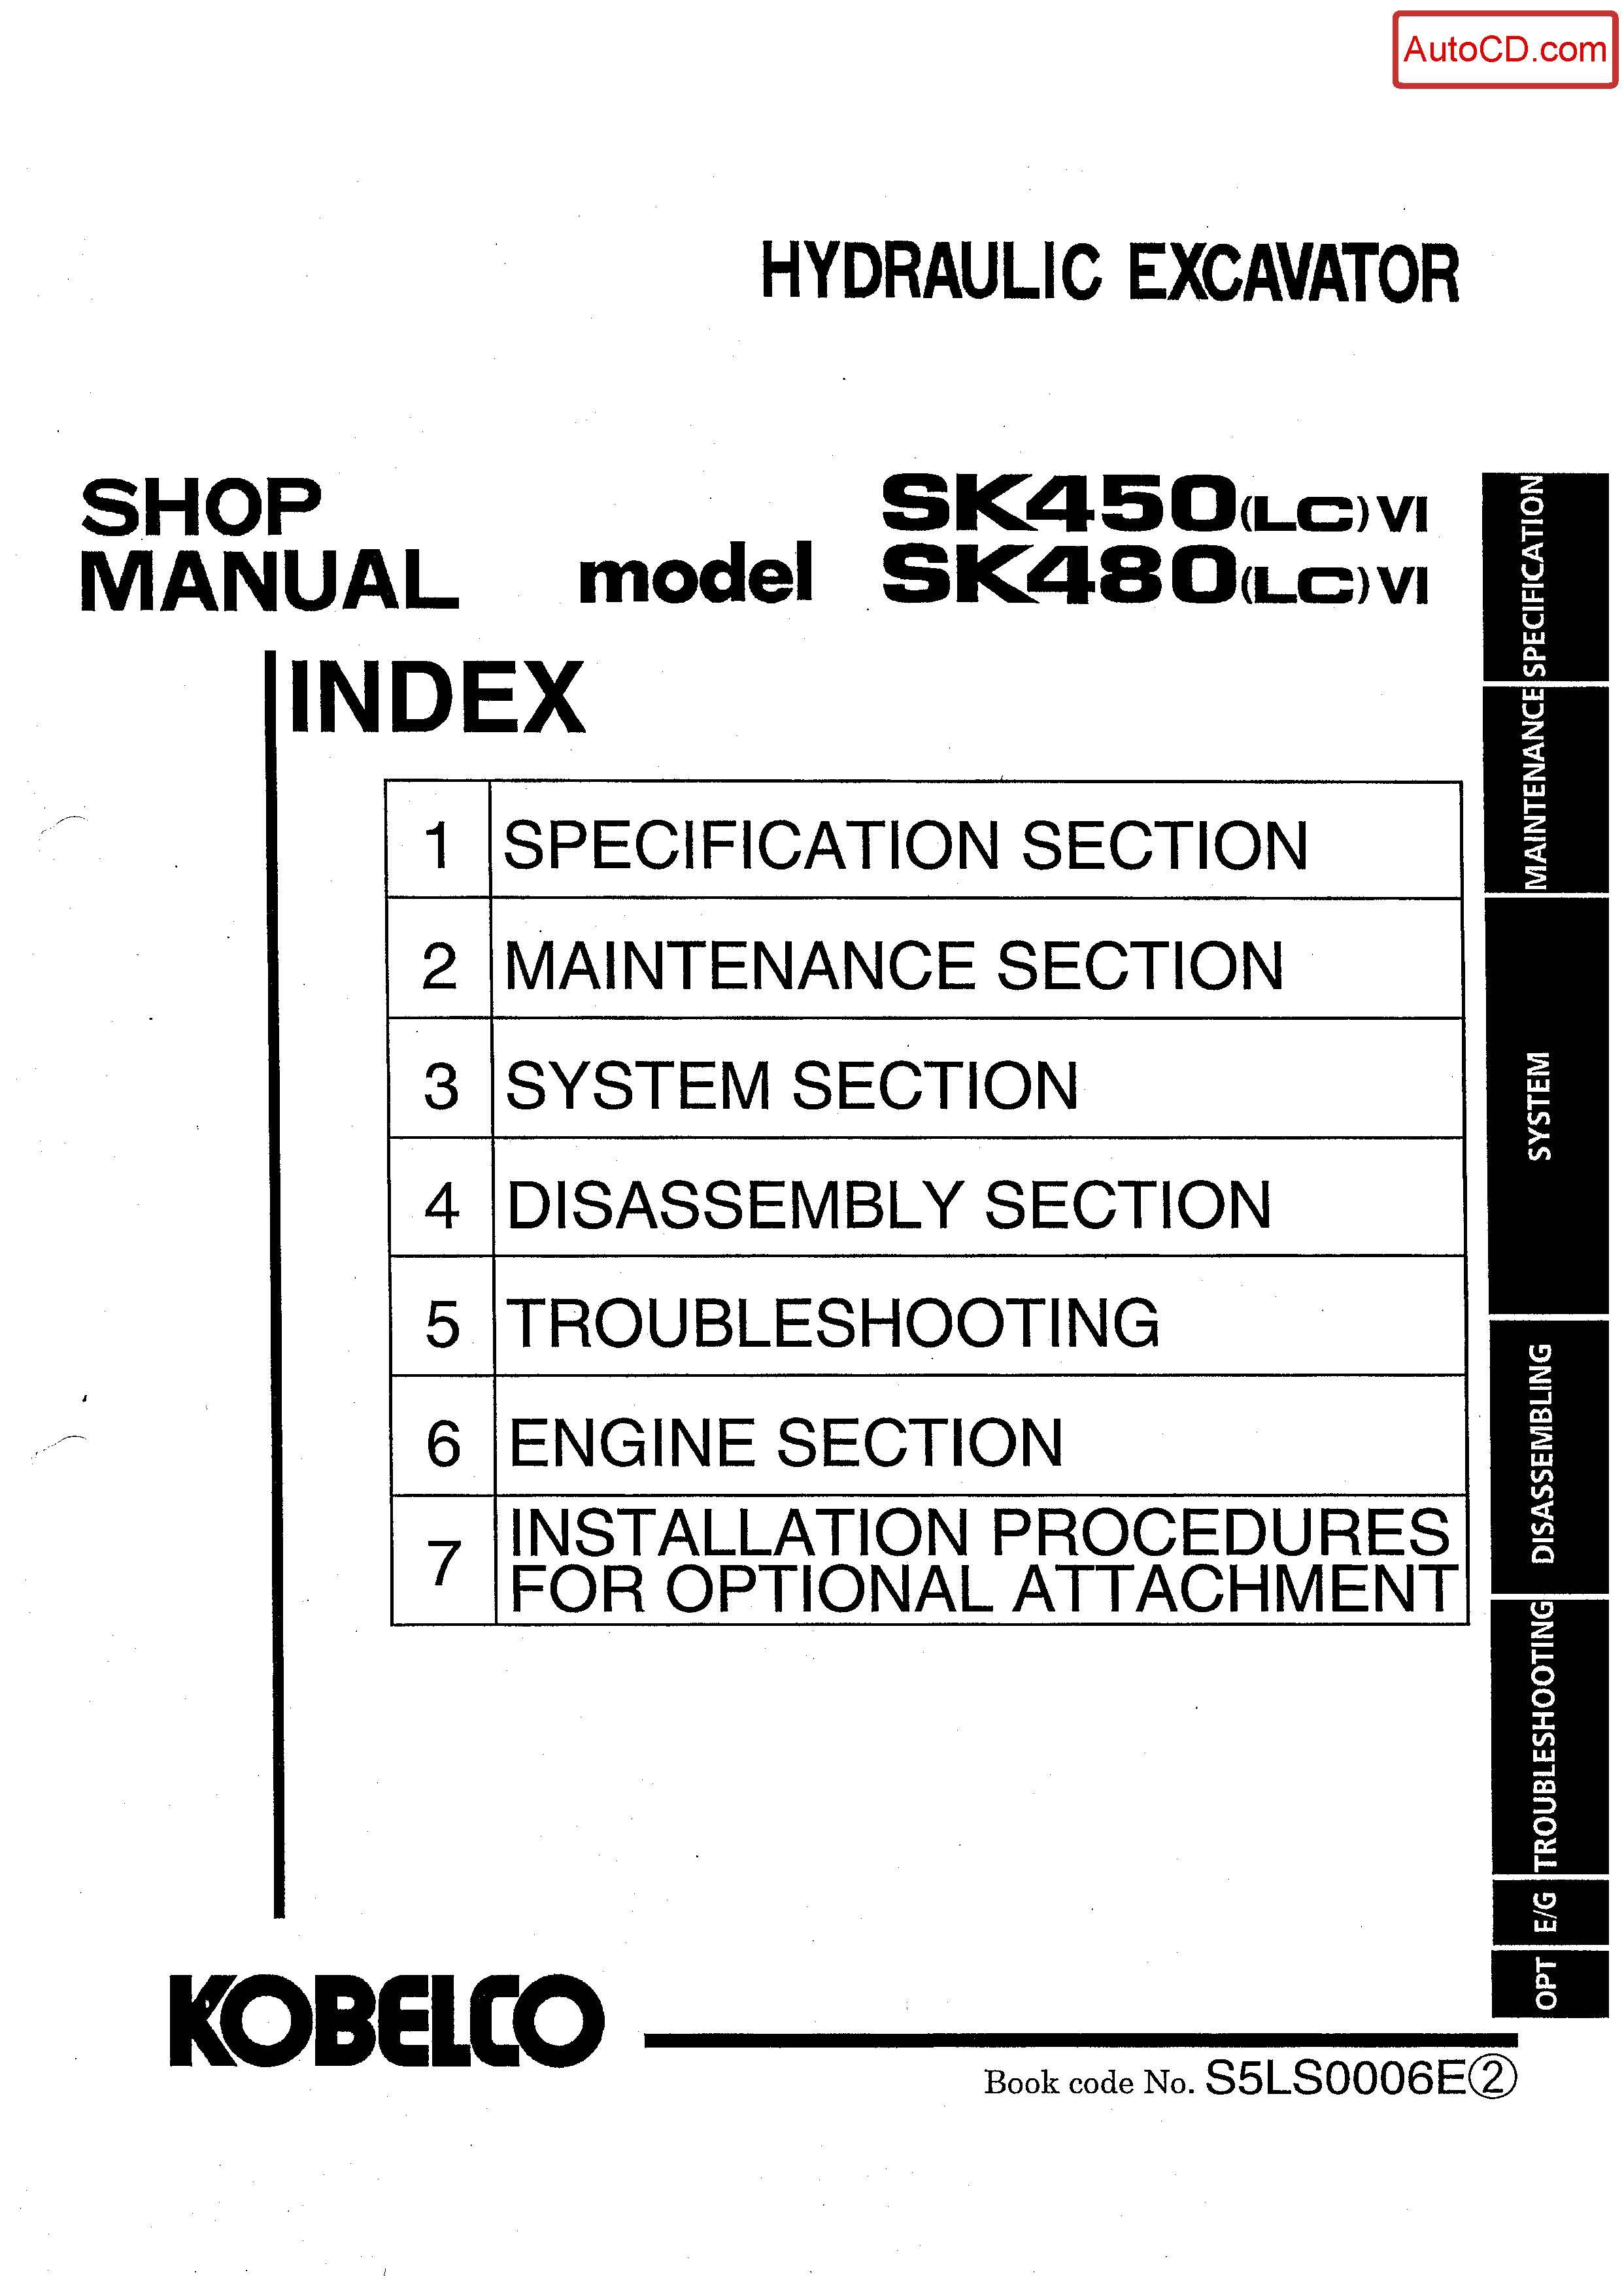 หนังสือ คู่มือซ่อม Kobelco Hydraulic Excavator SK450(LC)-VI , SK480(LC)-VI (ข้อมูลทั่วไป ค่าสเปคต่างๆ วงจรไฟฟ้า วงจรไฮดรอลิกส์)